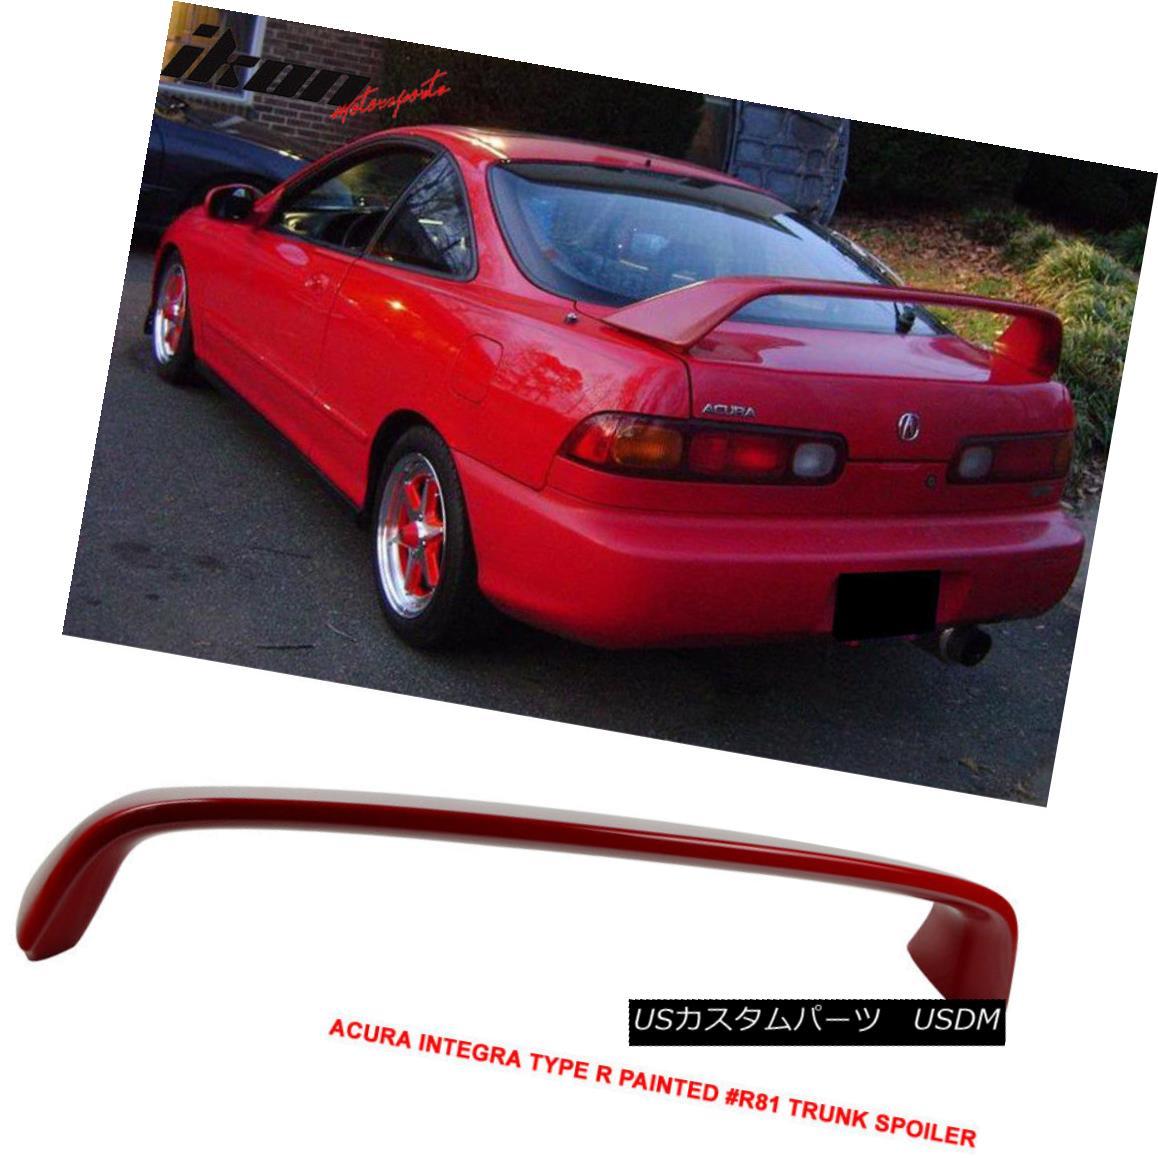 エアロパーツ Fit 94-01 Integra DC2 Type R Painted # R81 Milano Red Trunk Spoiler フィット94-01 Integra DC2タイプR塗装済み#R81ミラノレッドトランク・スポイラー